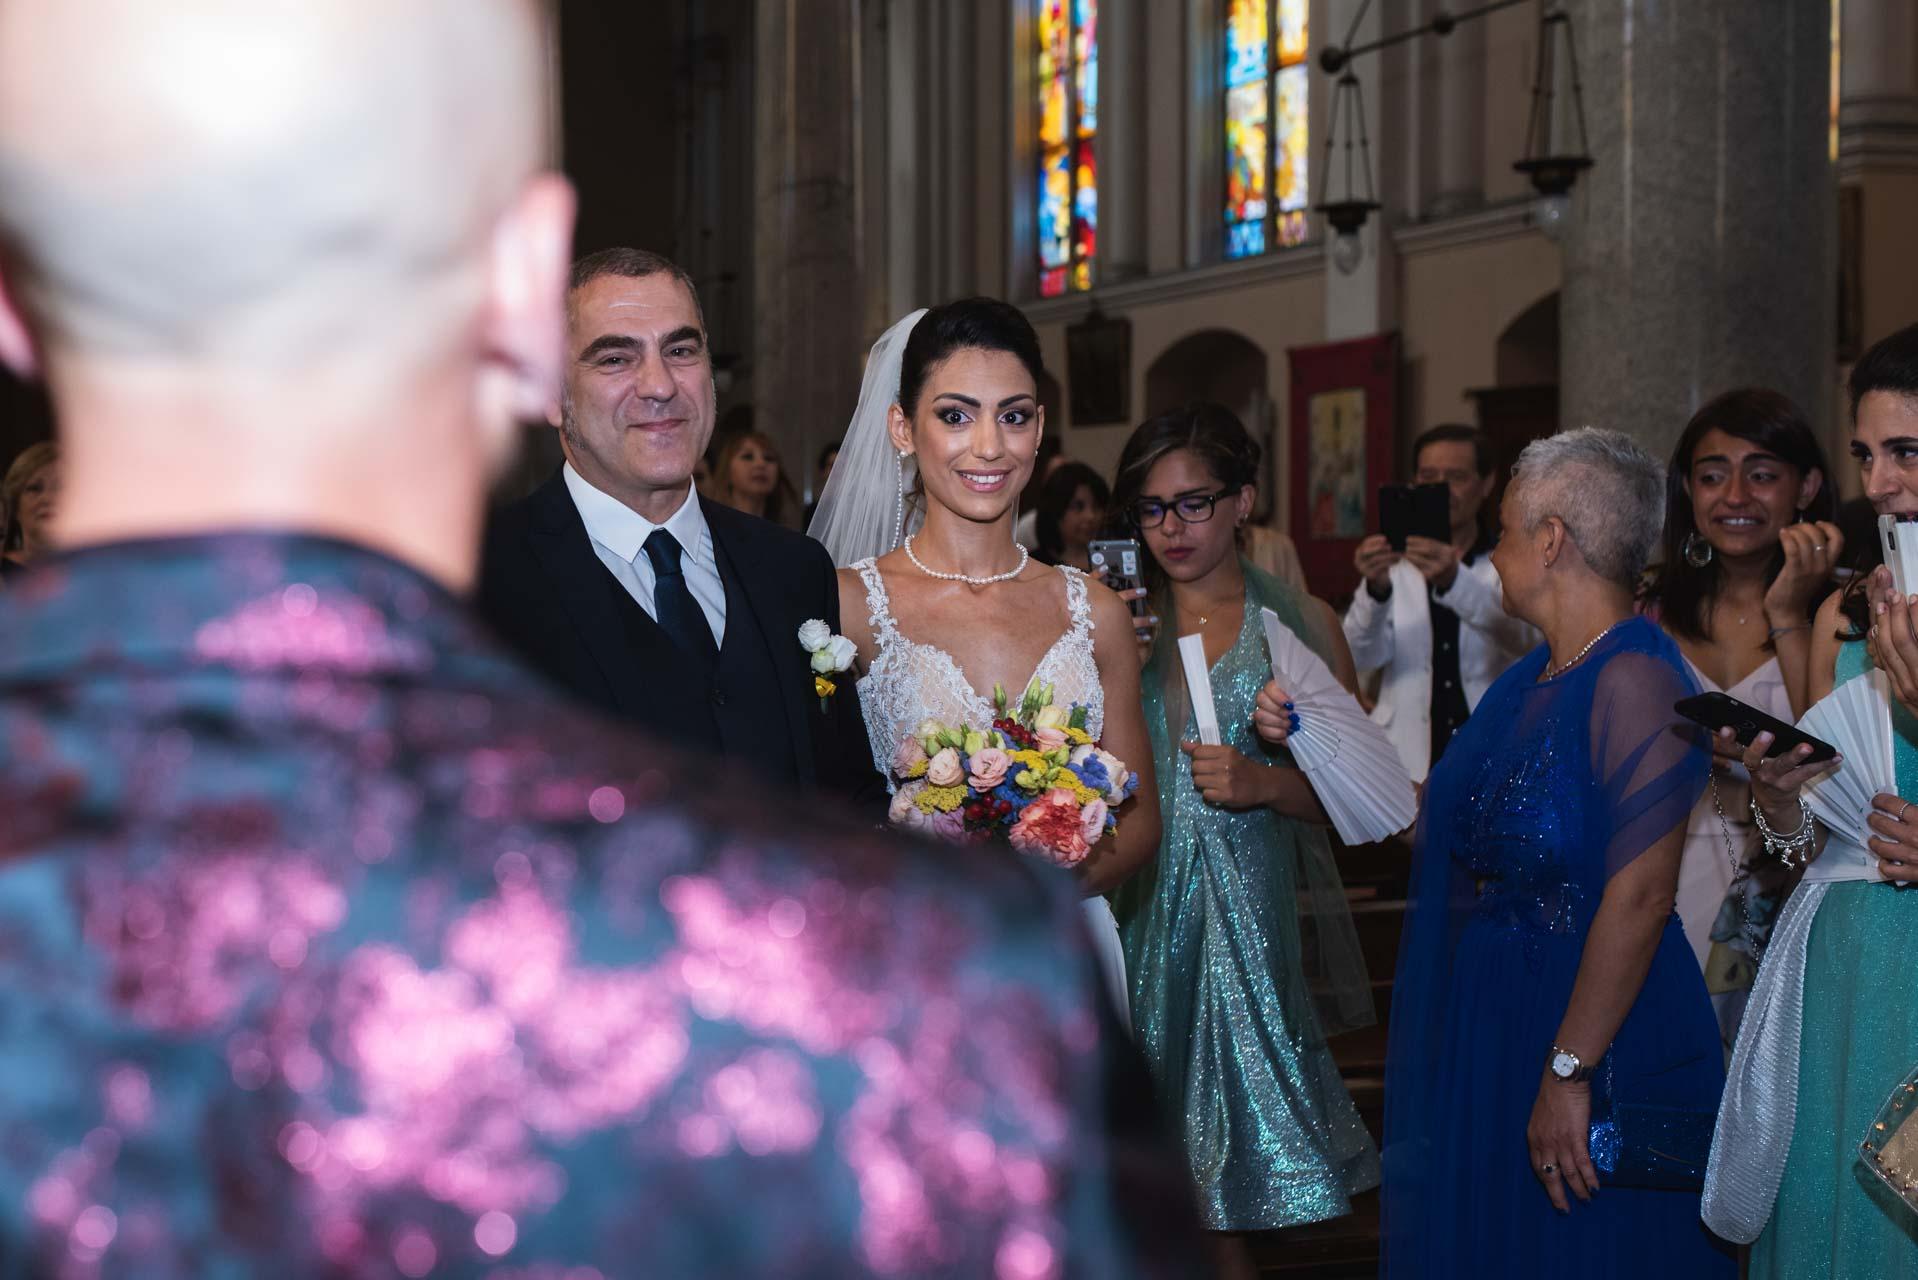 sposa sposo matrimonio chiesa invitati